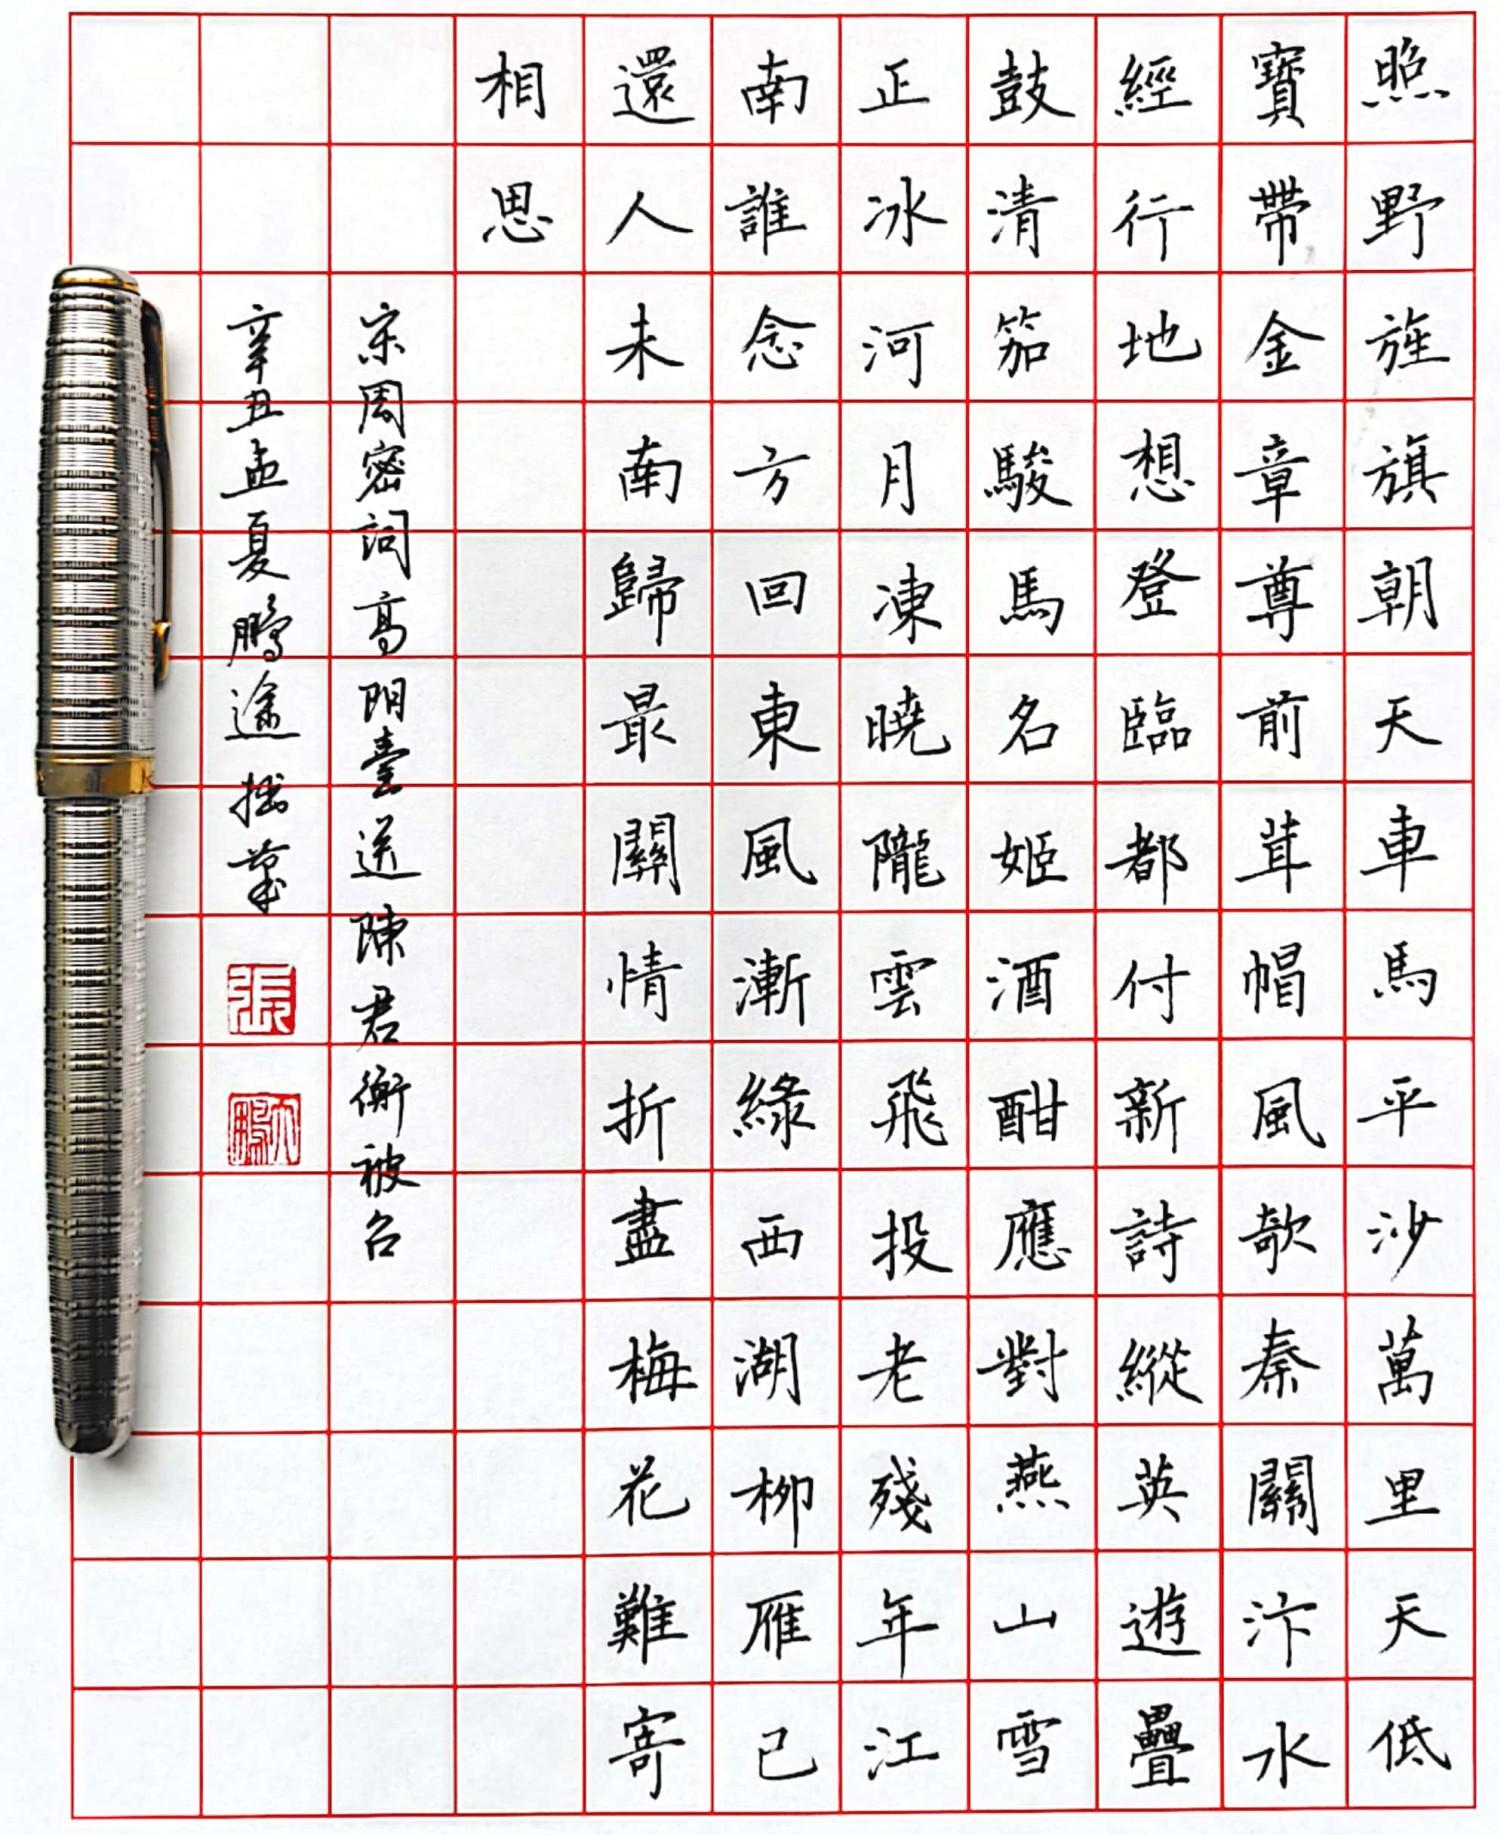 钢笔书法练字打卡20210525-08